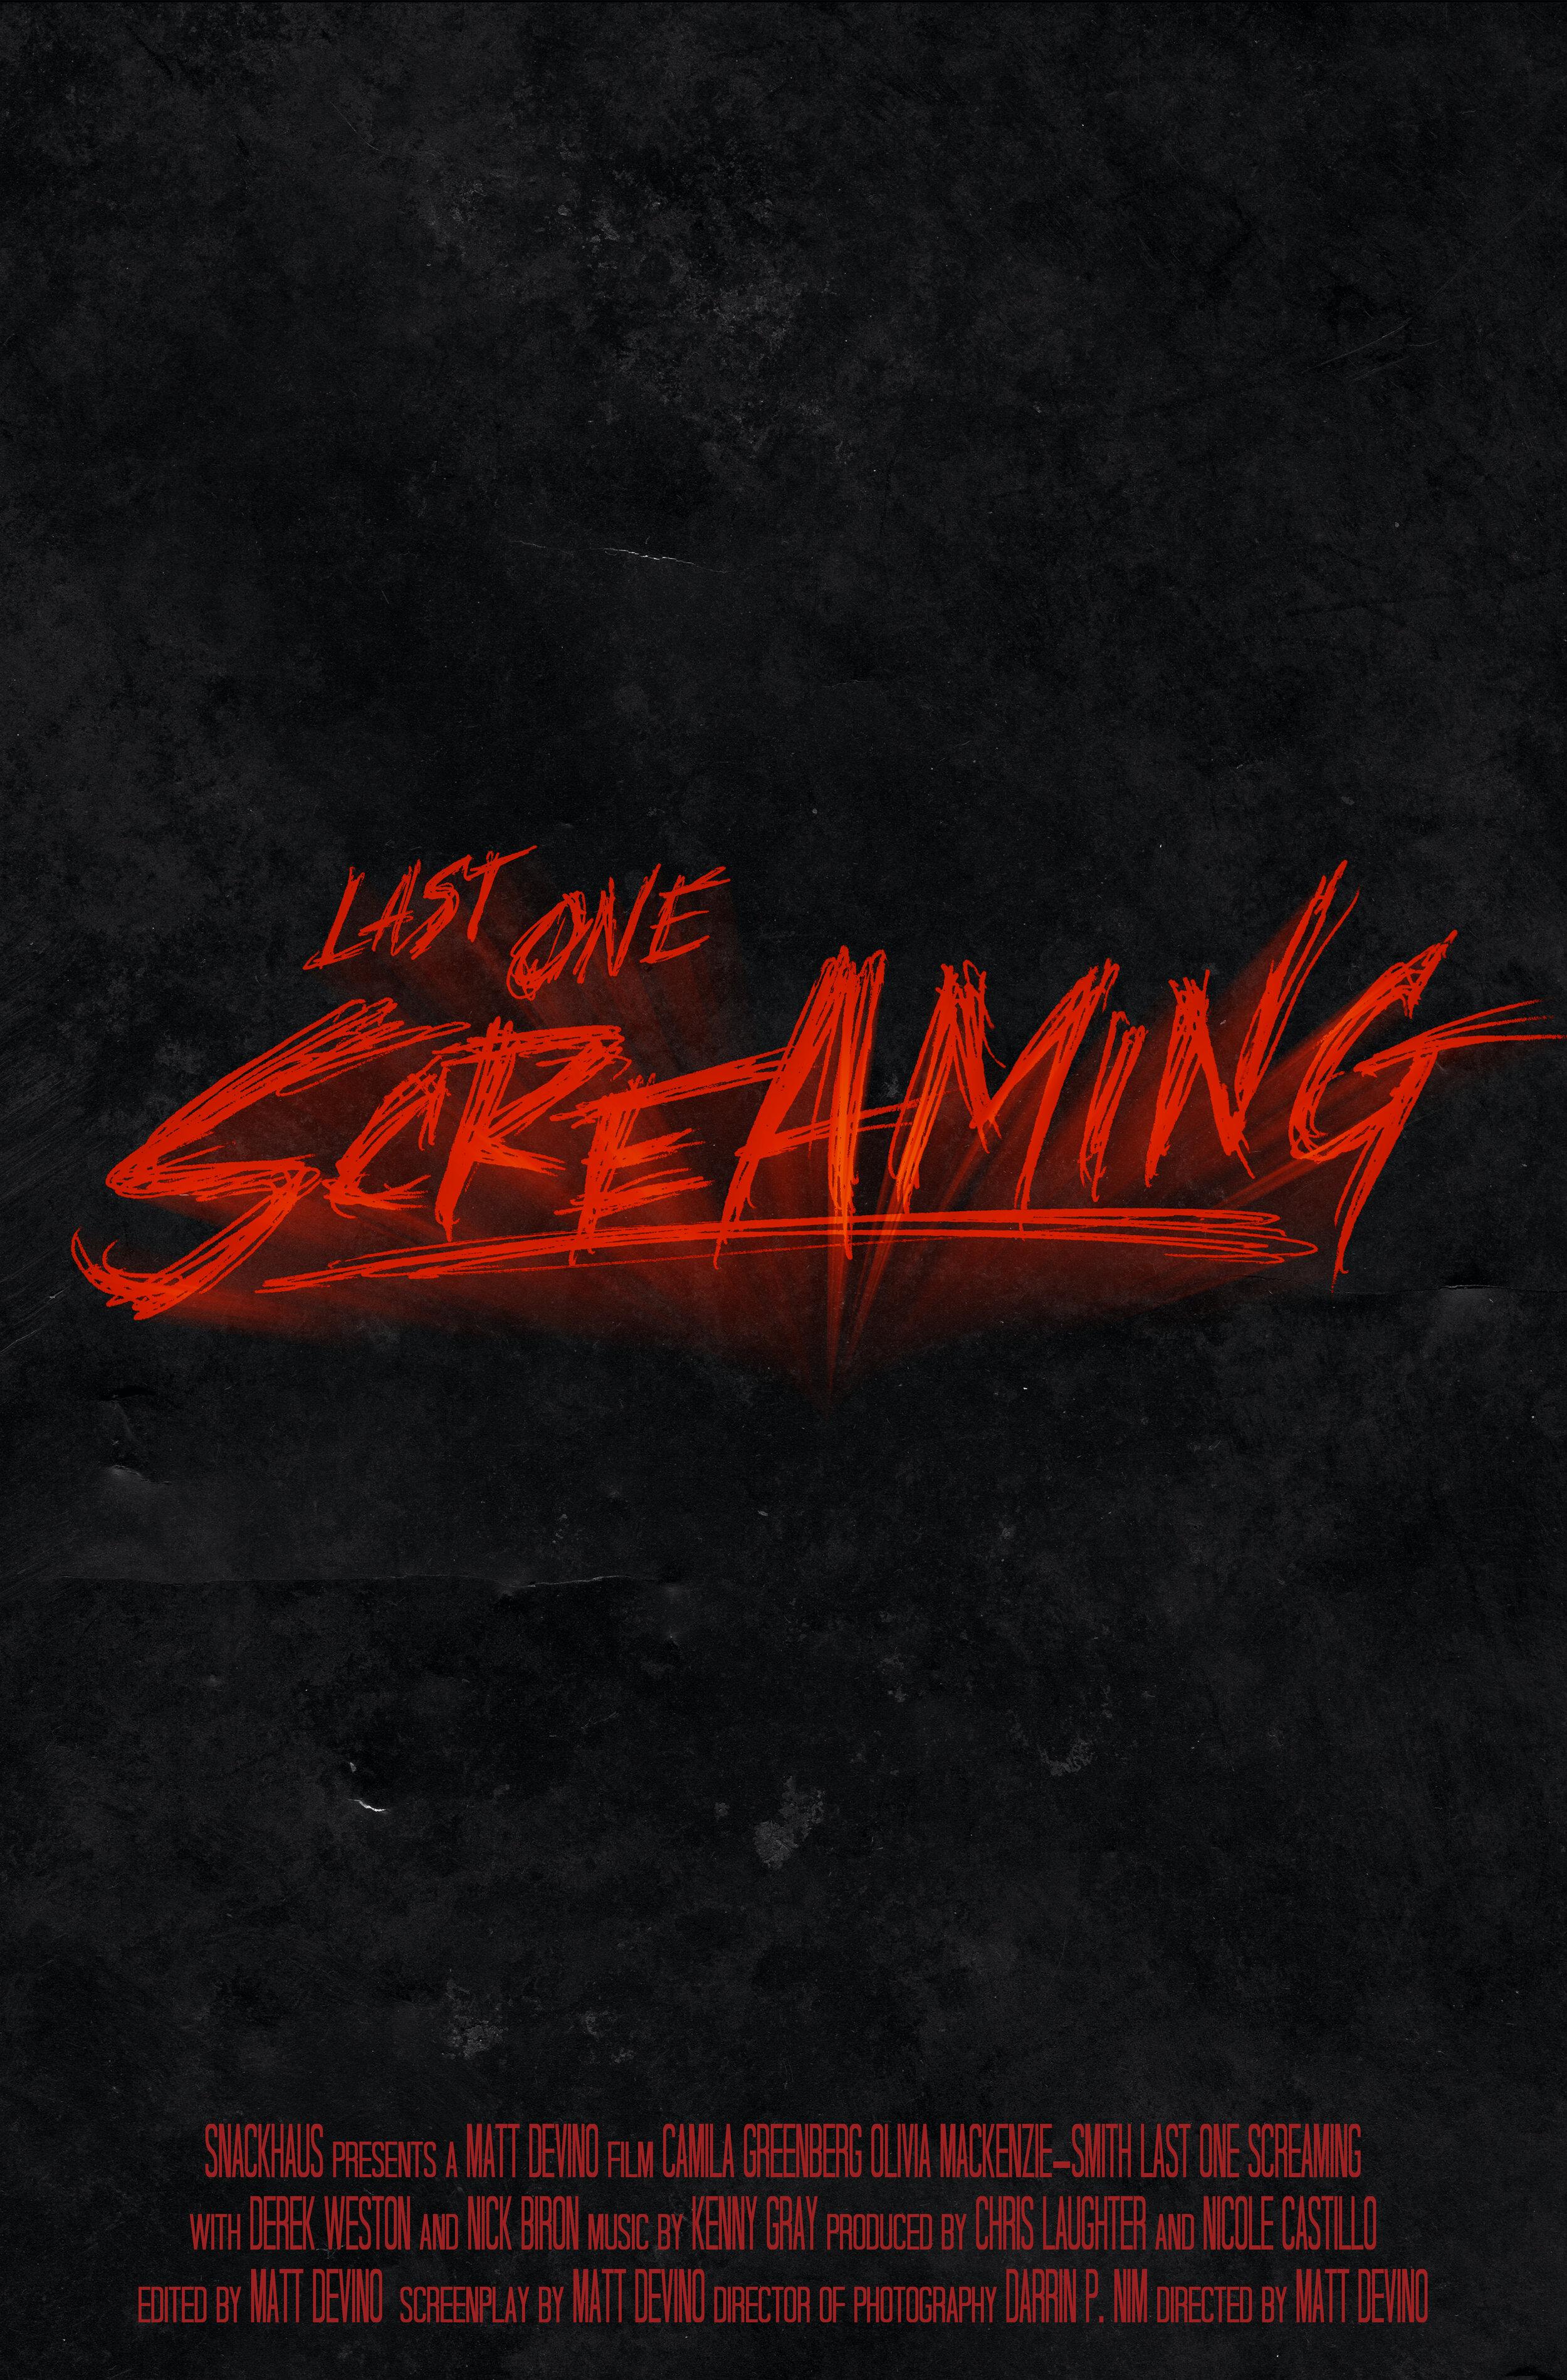 LastOneScreaming_Poster2_medium.jpg